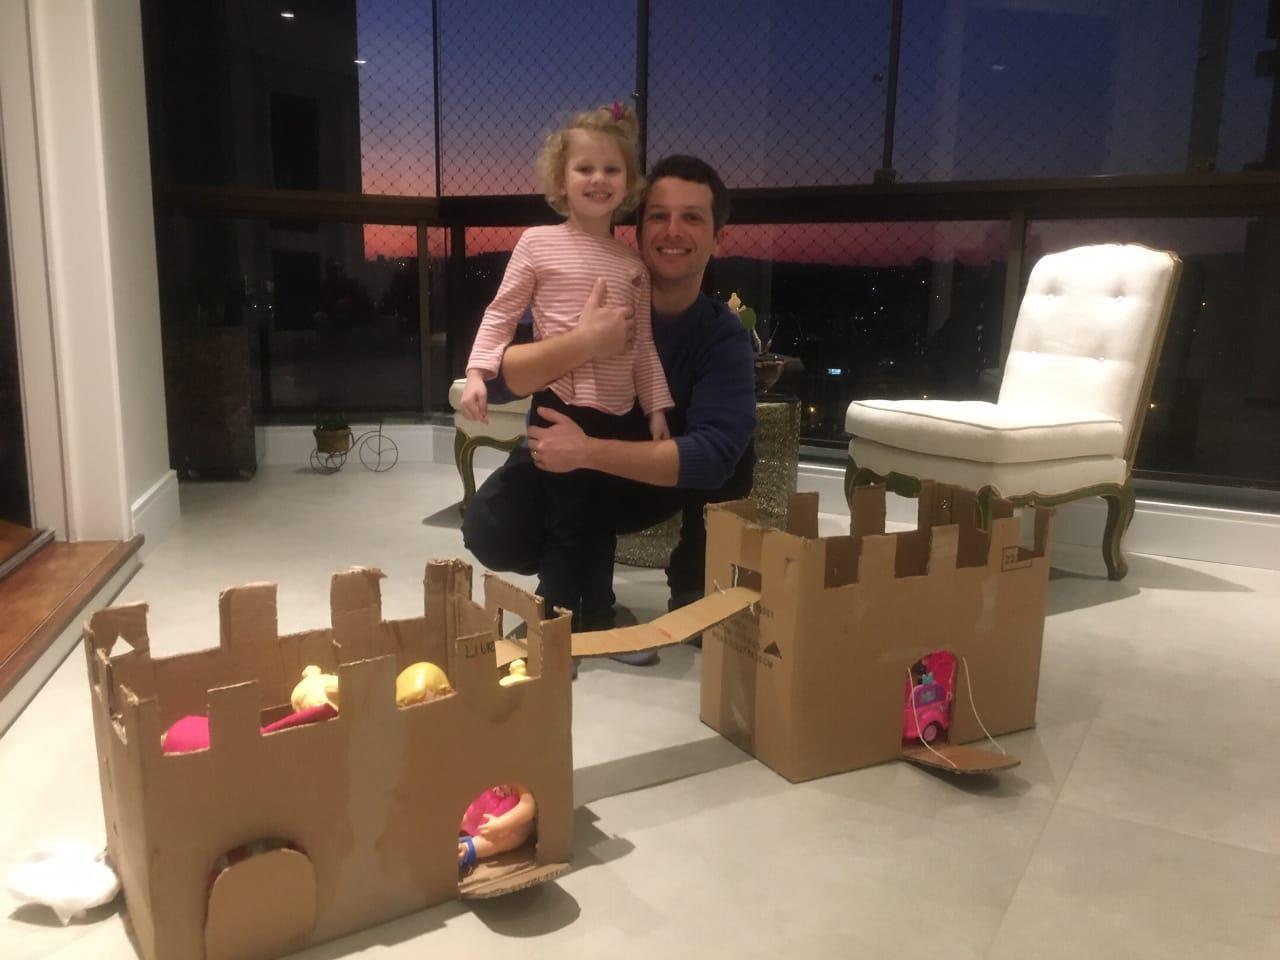 Crianças dos Níveis 4 e suas famílias realizam construções com caixas de papelão